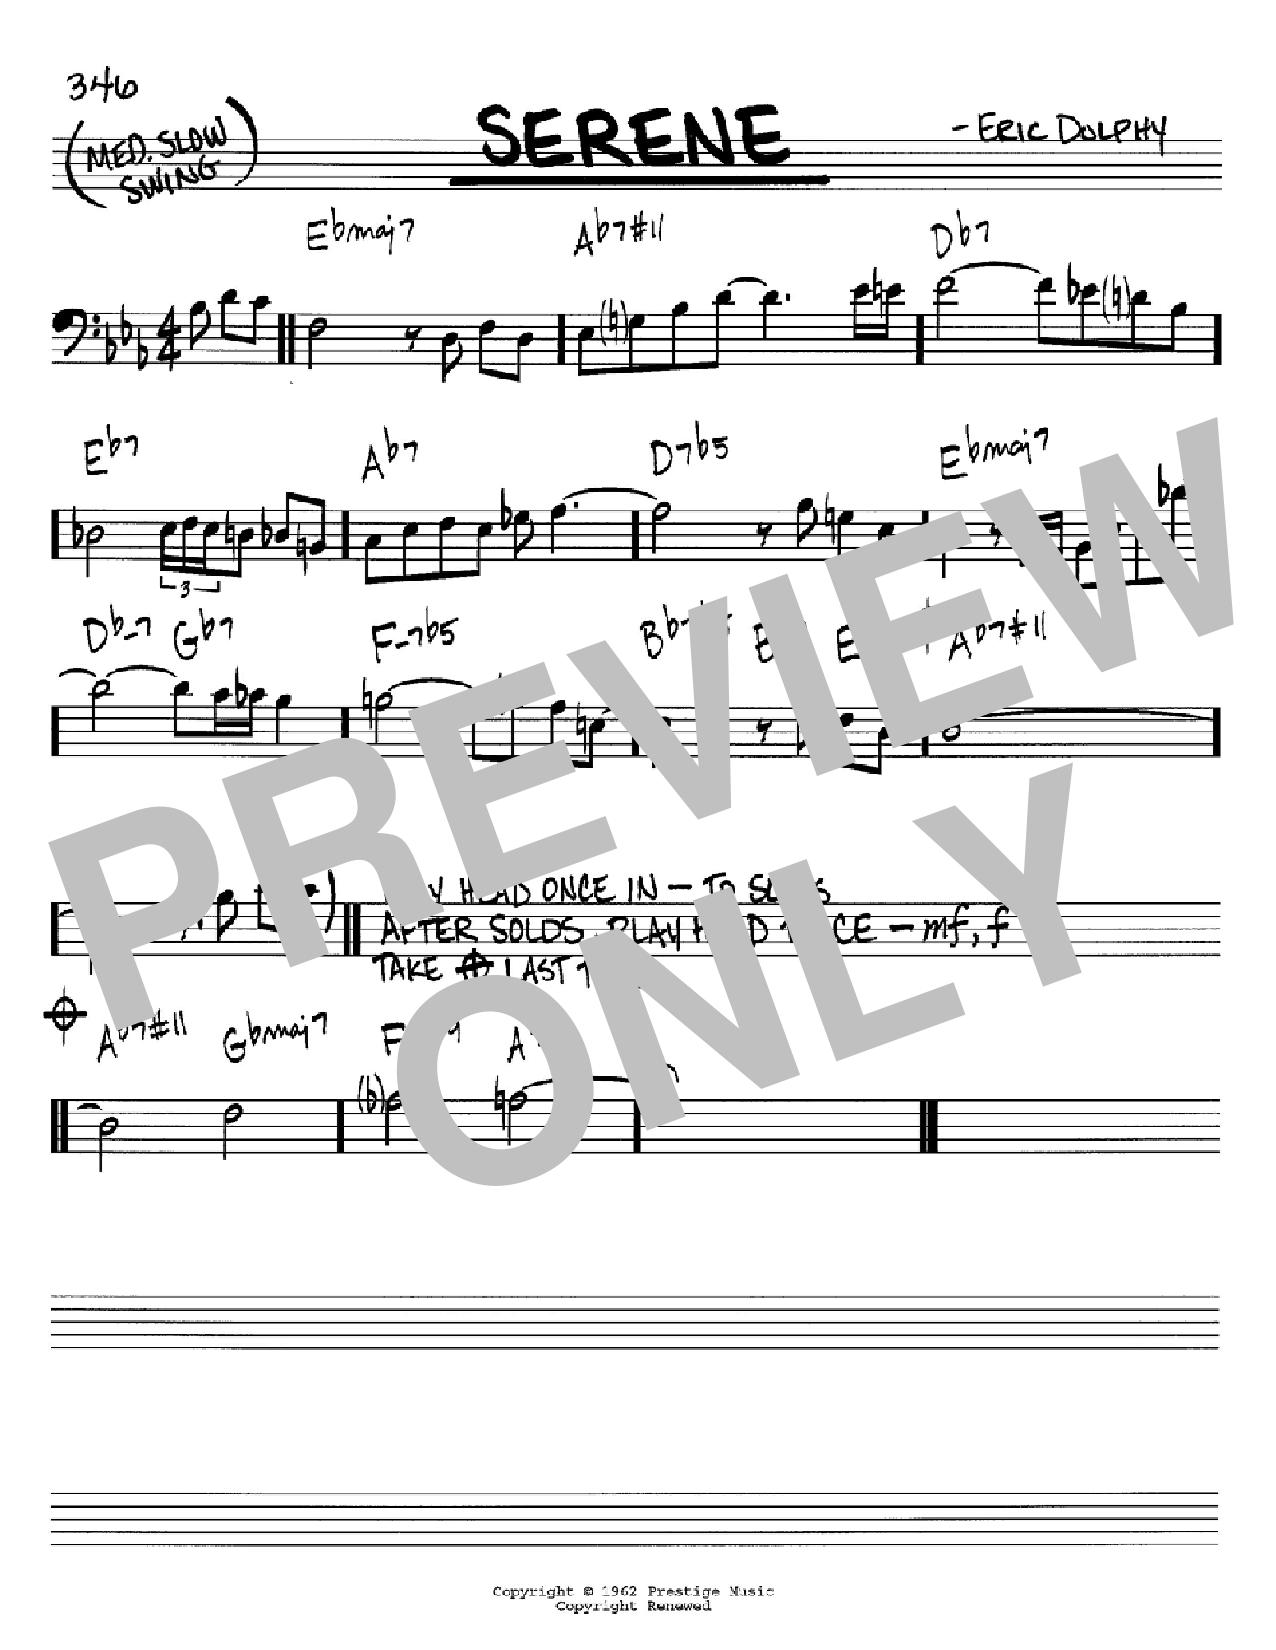 Partition autre Serene de Eric Dolphy - Real Book, Melodie et Accords, Inst. En cle de Fa